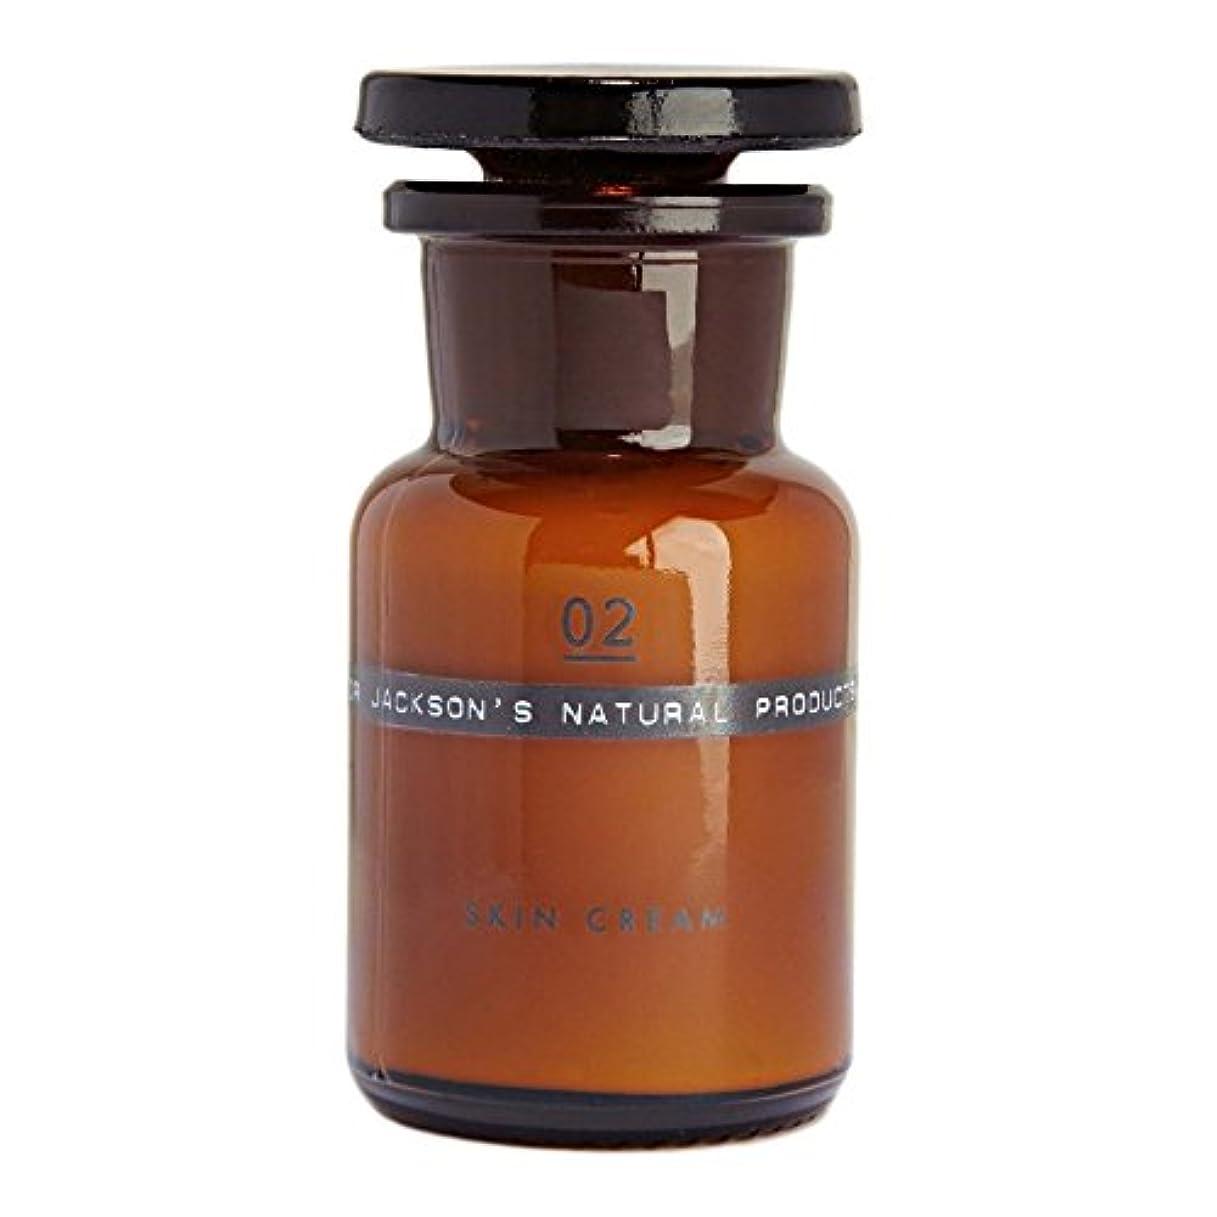 カンガルーひらめきオズワルドDr Jackson's 02 Skin Cream 50ml - ジャクソンの02スキンクリーム50ミリリットル [並行輸入品]